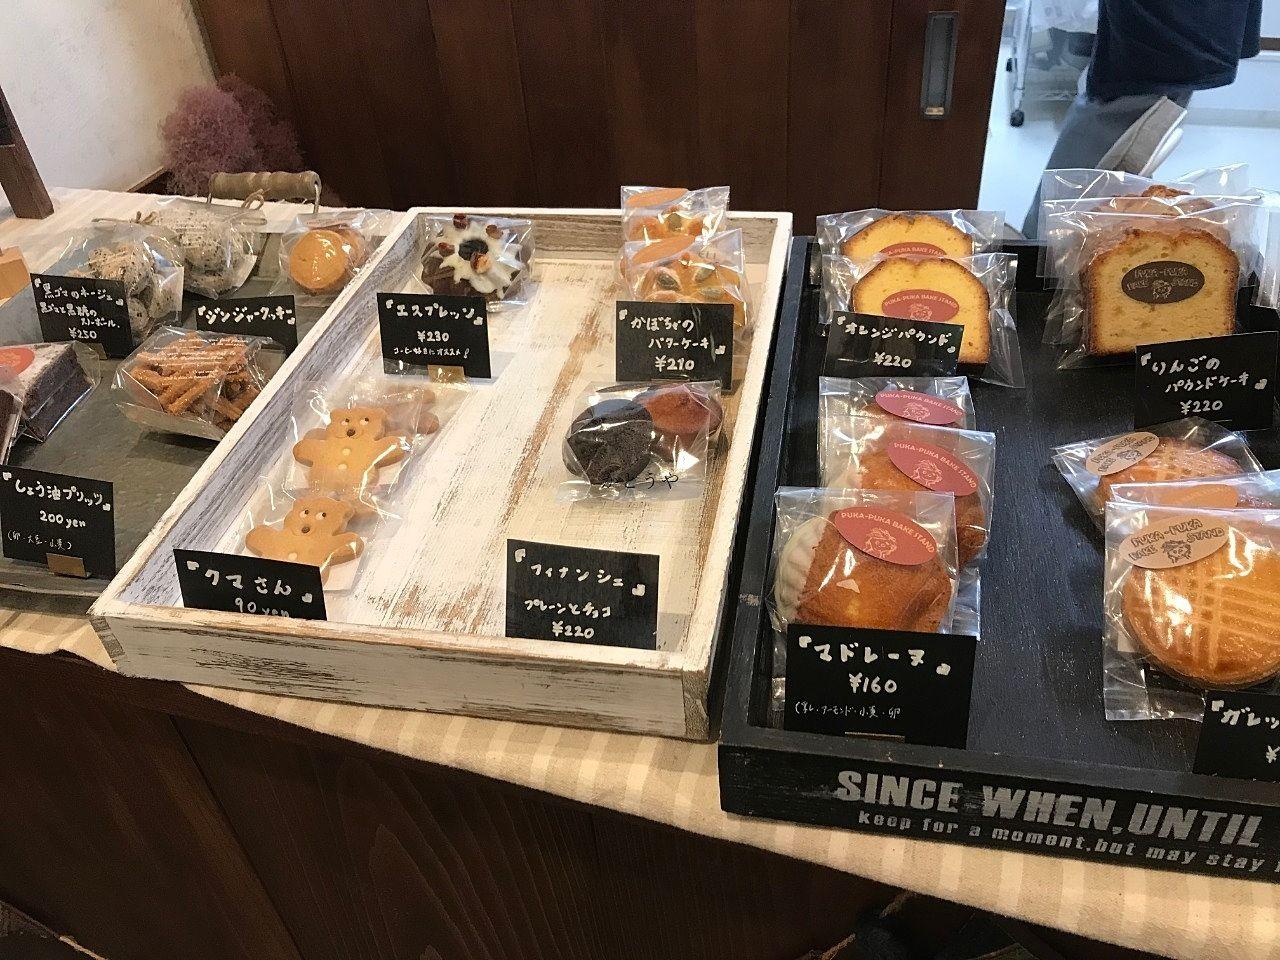 流山市江戸川台東口駅前の焼き菓子屋さん、プカプカベイクスタンドさんです。